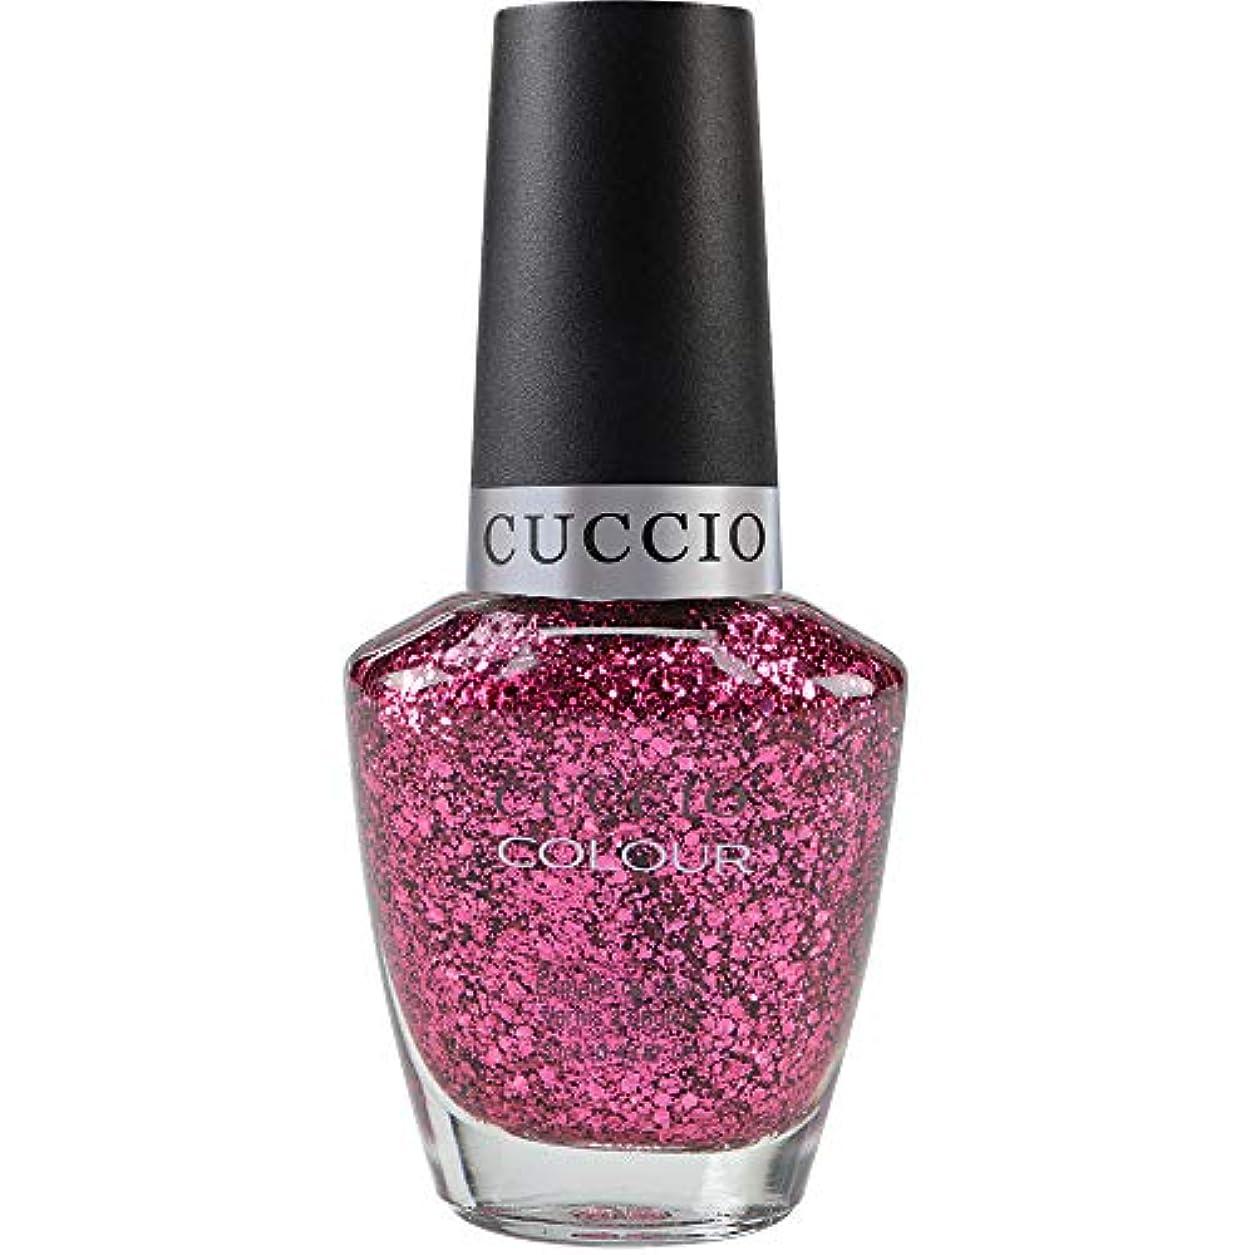 増幅する薄める壊れたCuccio Colour Gloss Lacquer - Love Potion NO. 9 - 0.43oz / 13ml